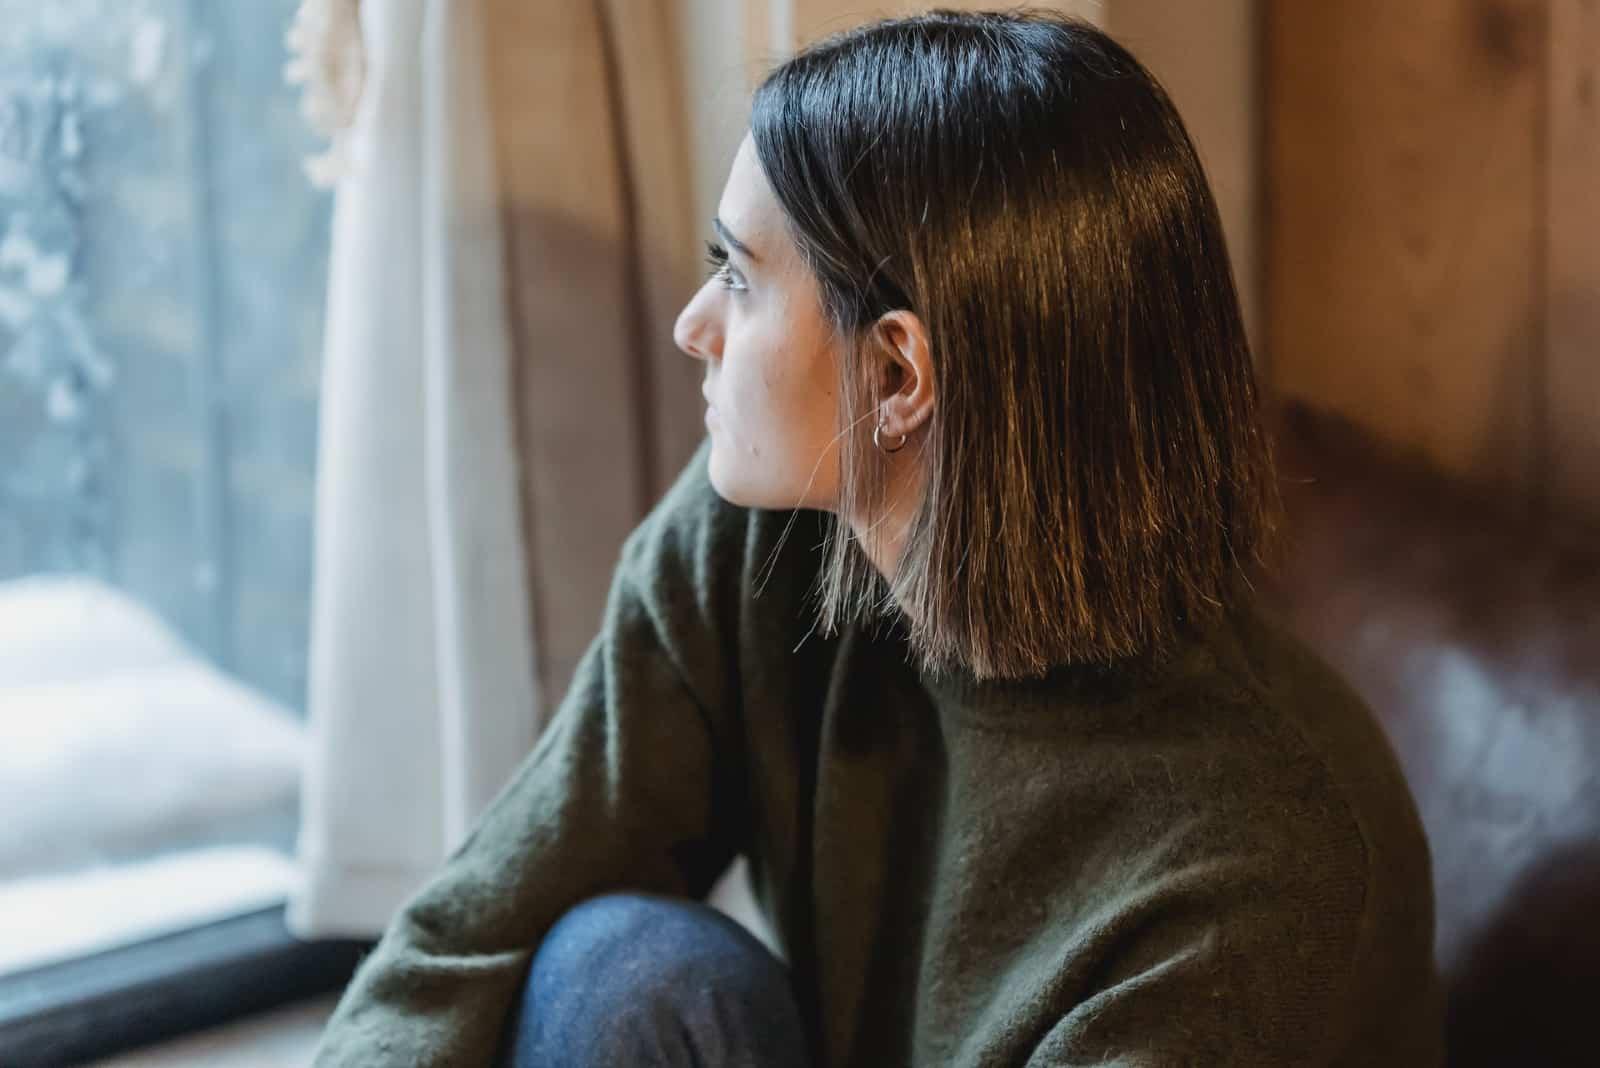 femme pensive en chandail brun regardant par la fenêtre